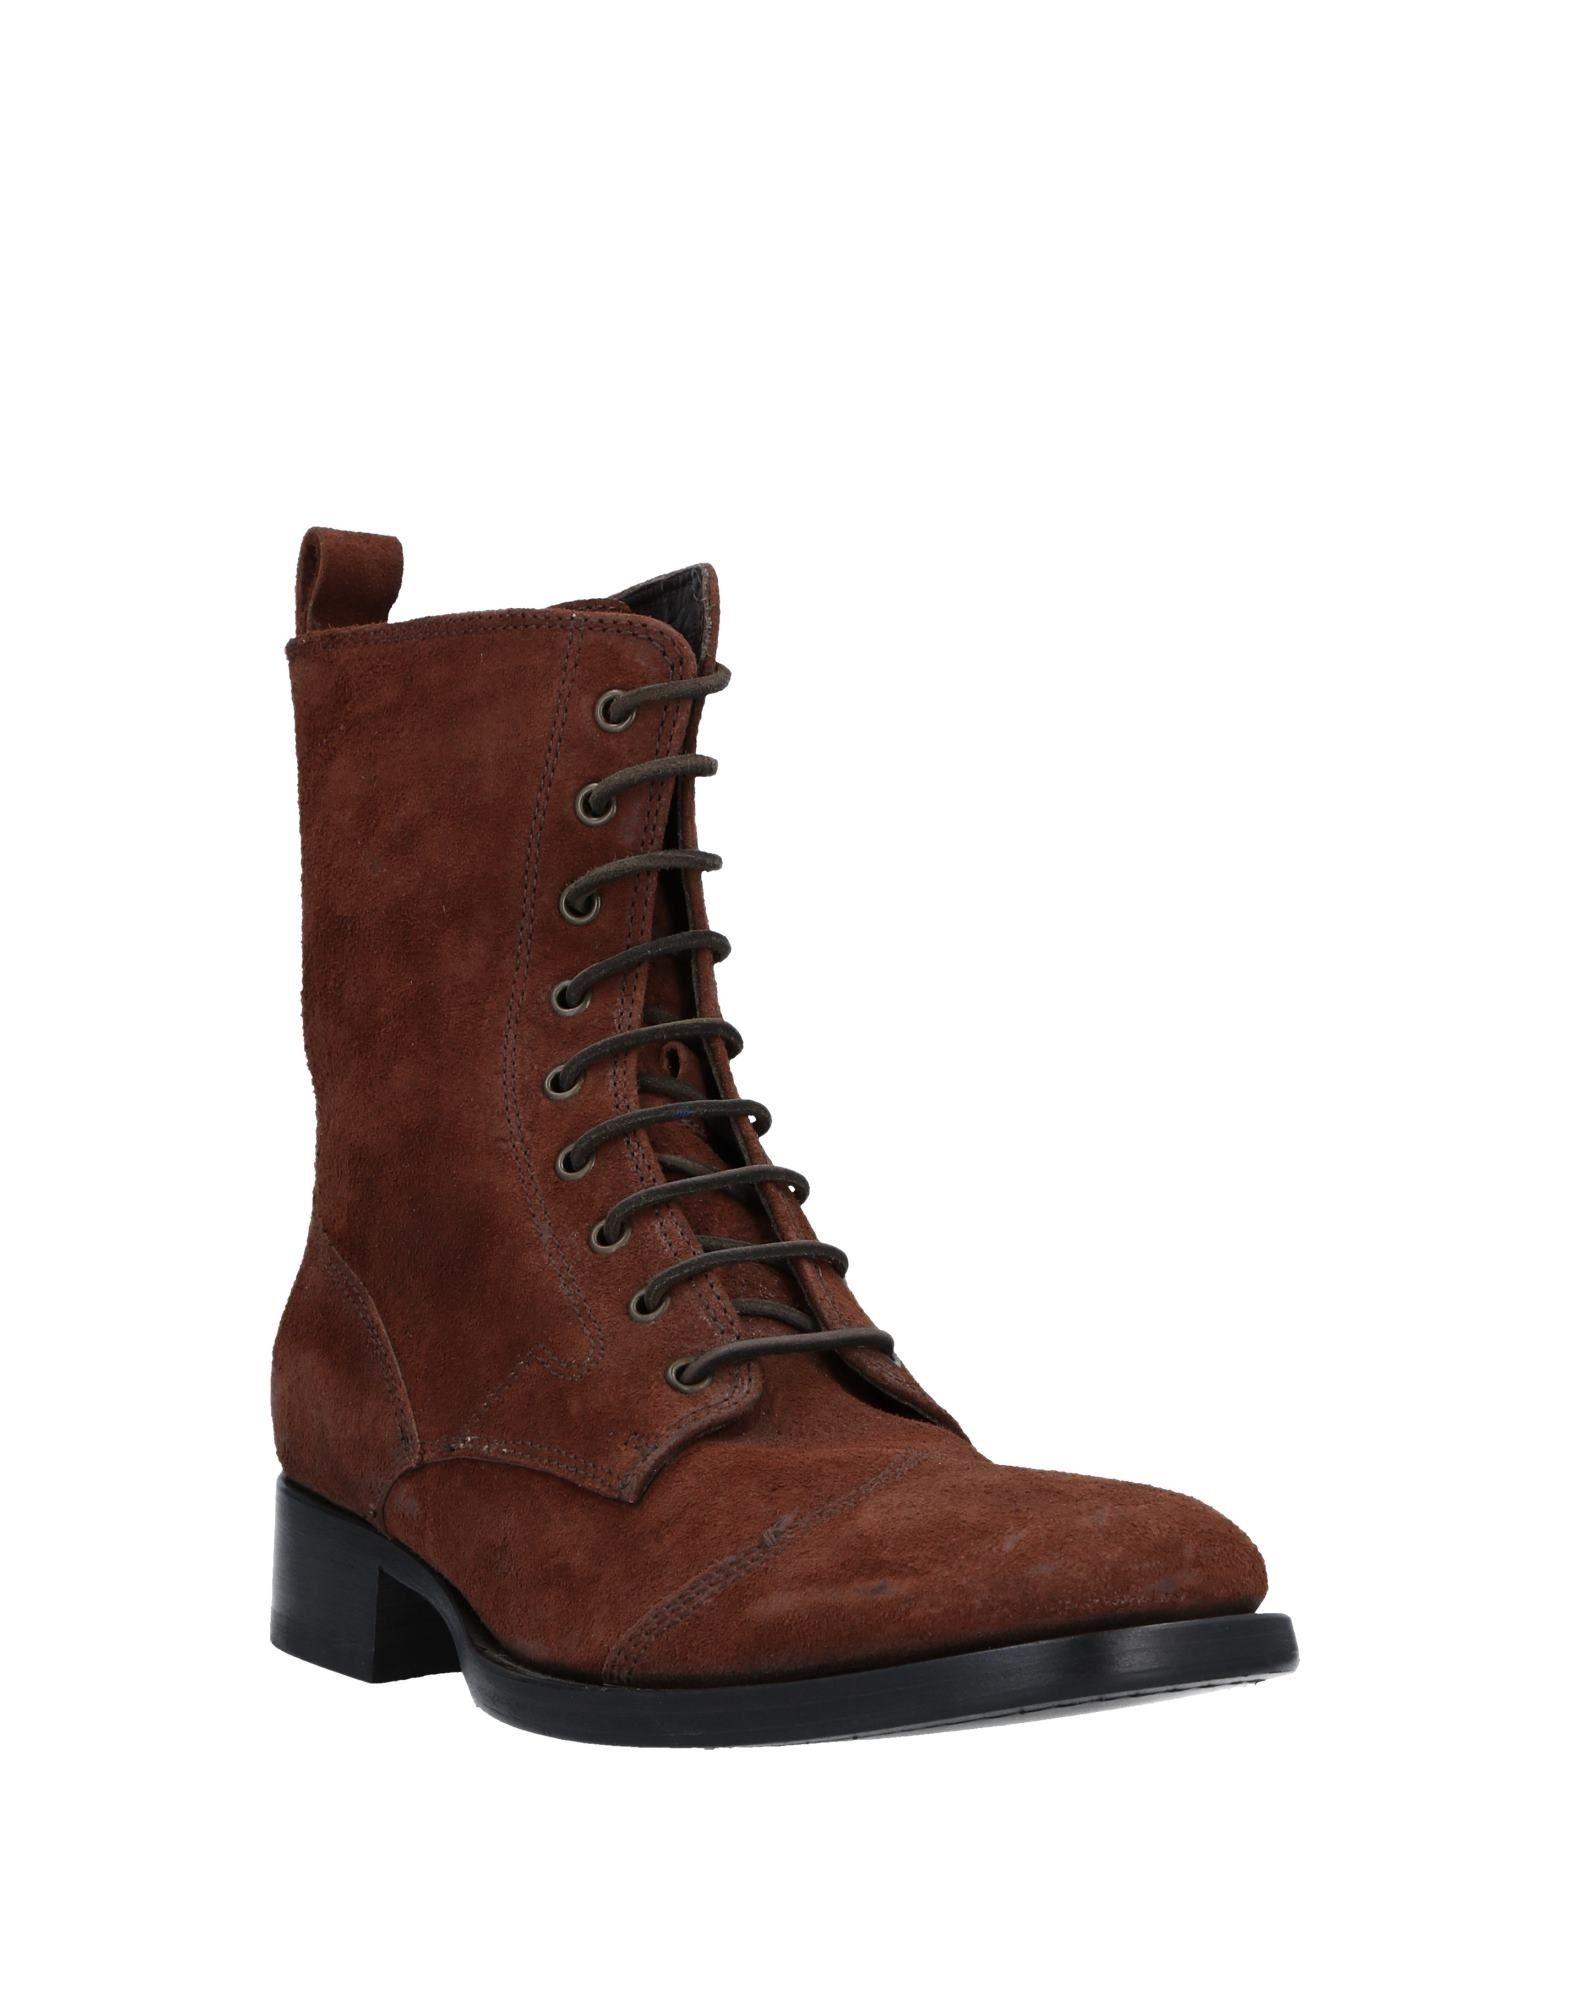 Buttero® Stiefelette Herren beliebte  11534932FB Gute Qualität beliebte Herren Schuhe da2df8